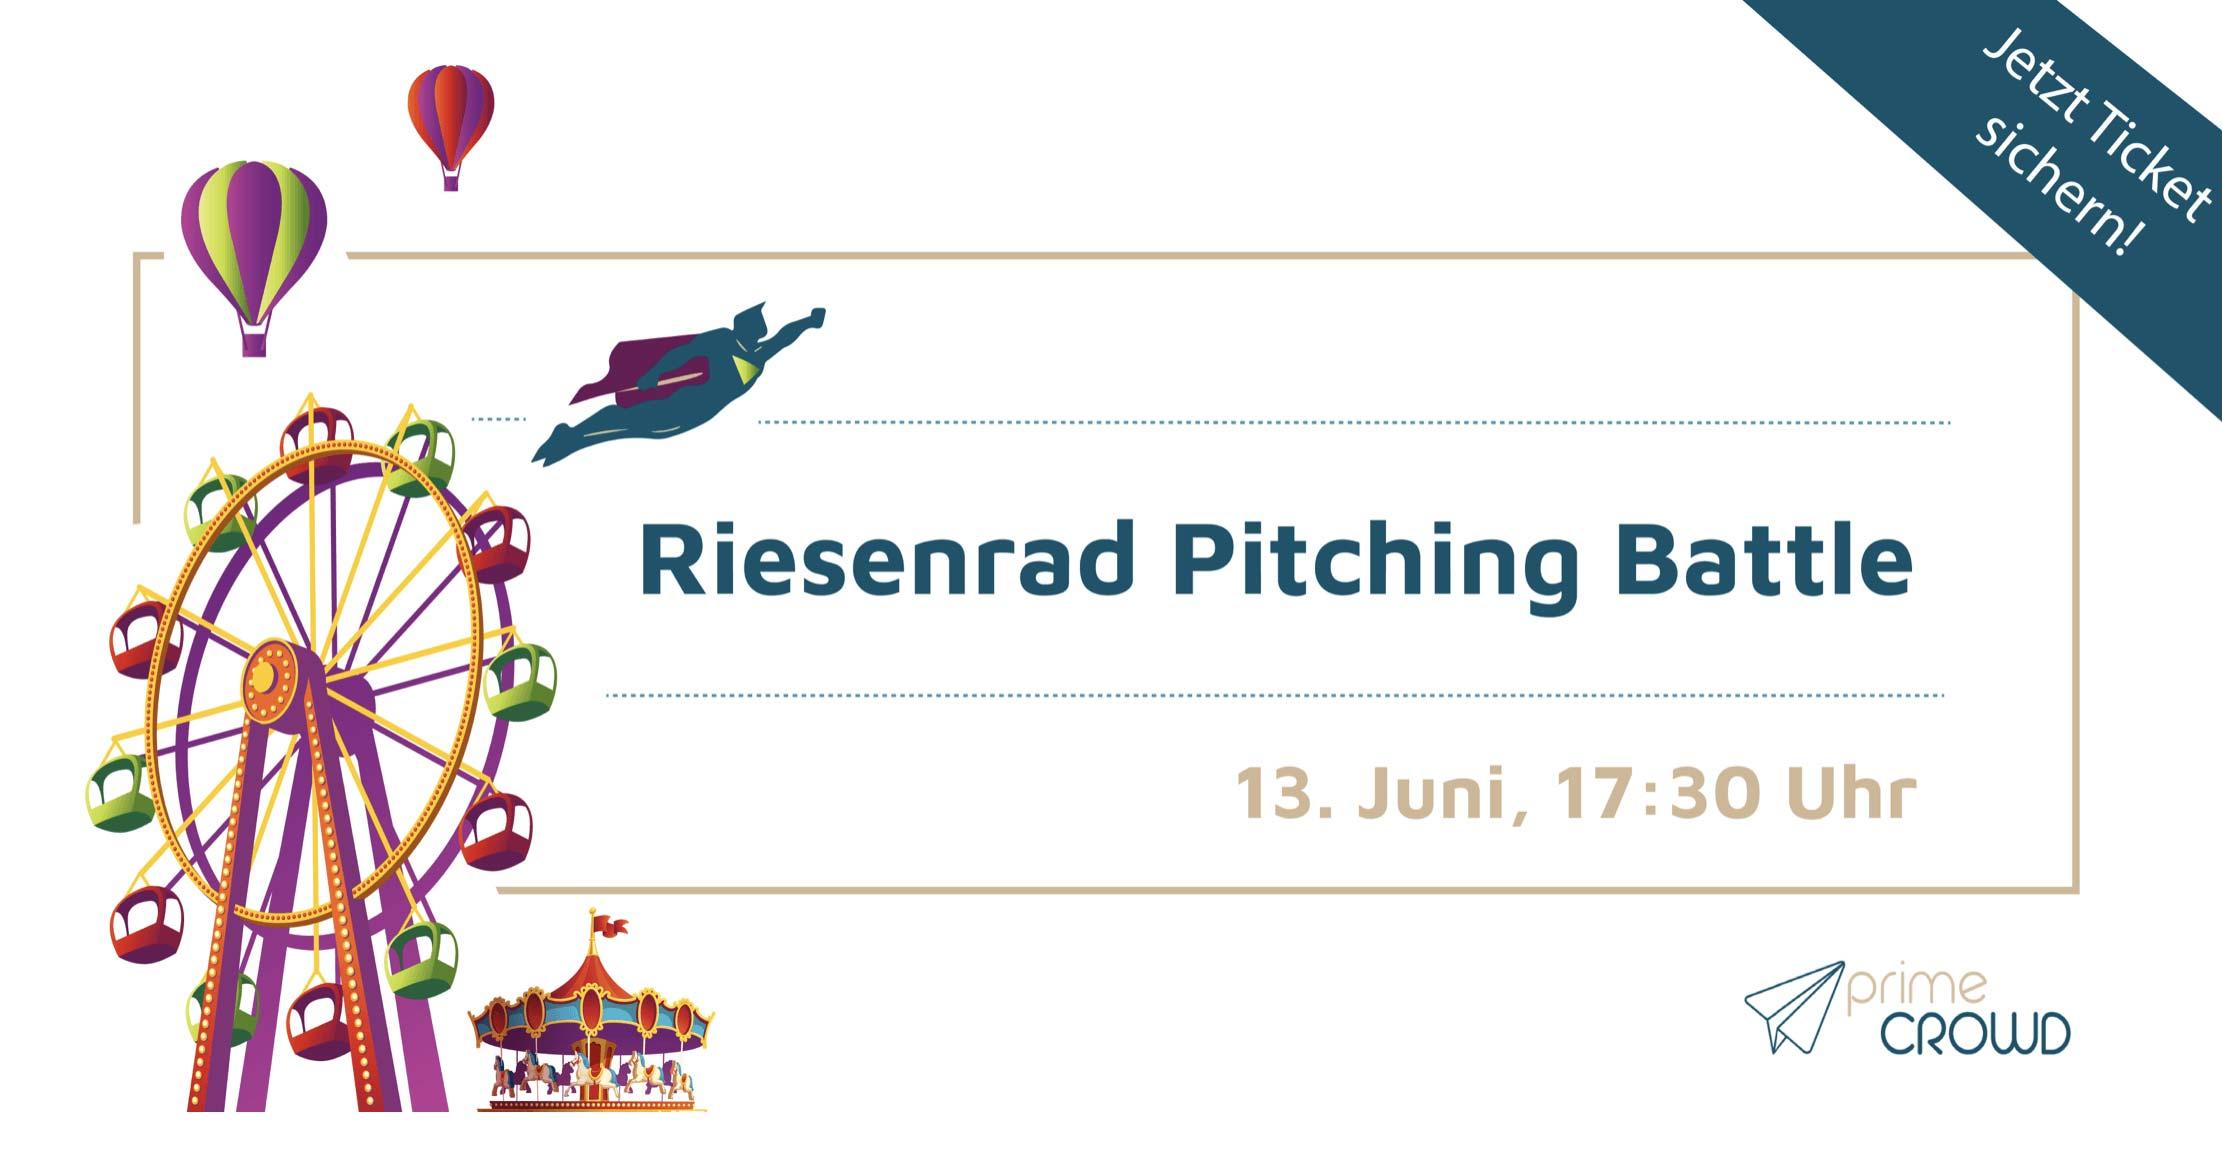 Bildschirmfoto 2019 05 29 um 14.43.46 - Save the date: primeCrowd Riesenrad Pitching Battle